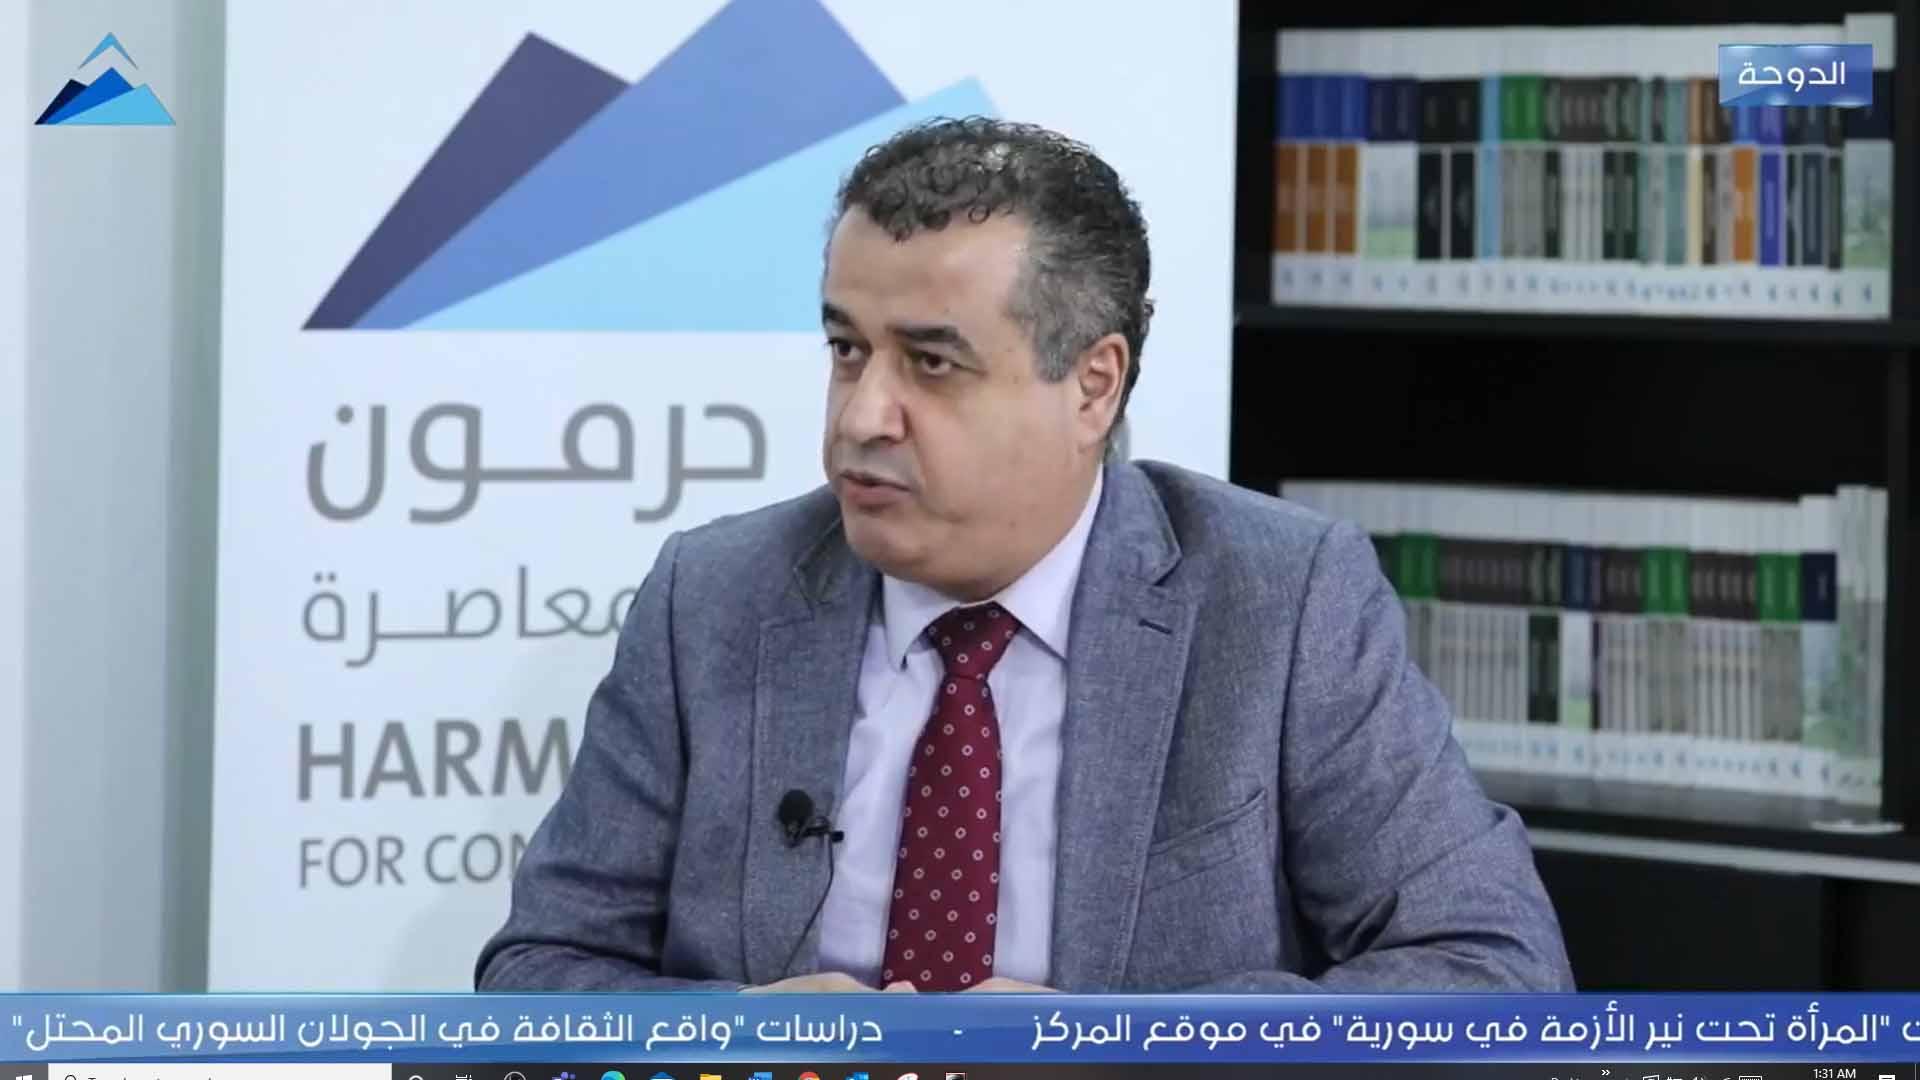 """القضية السورية في سباق الانتخابات الرئاسية الأميركية"""" في ندوة لحرمون"""